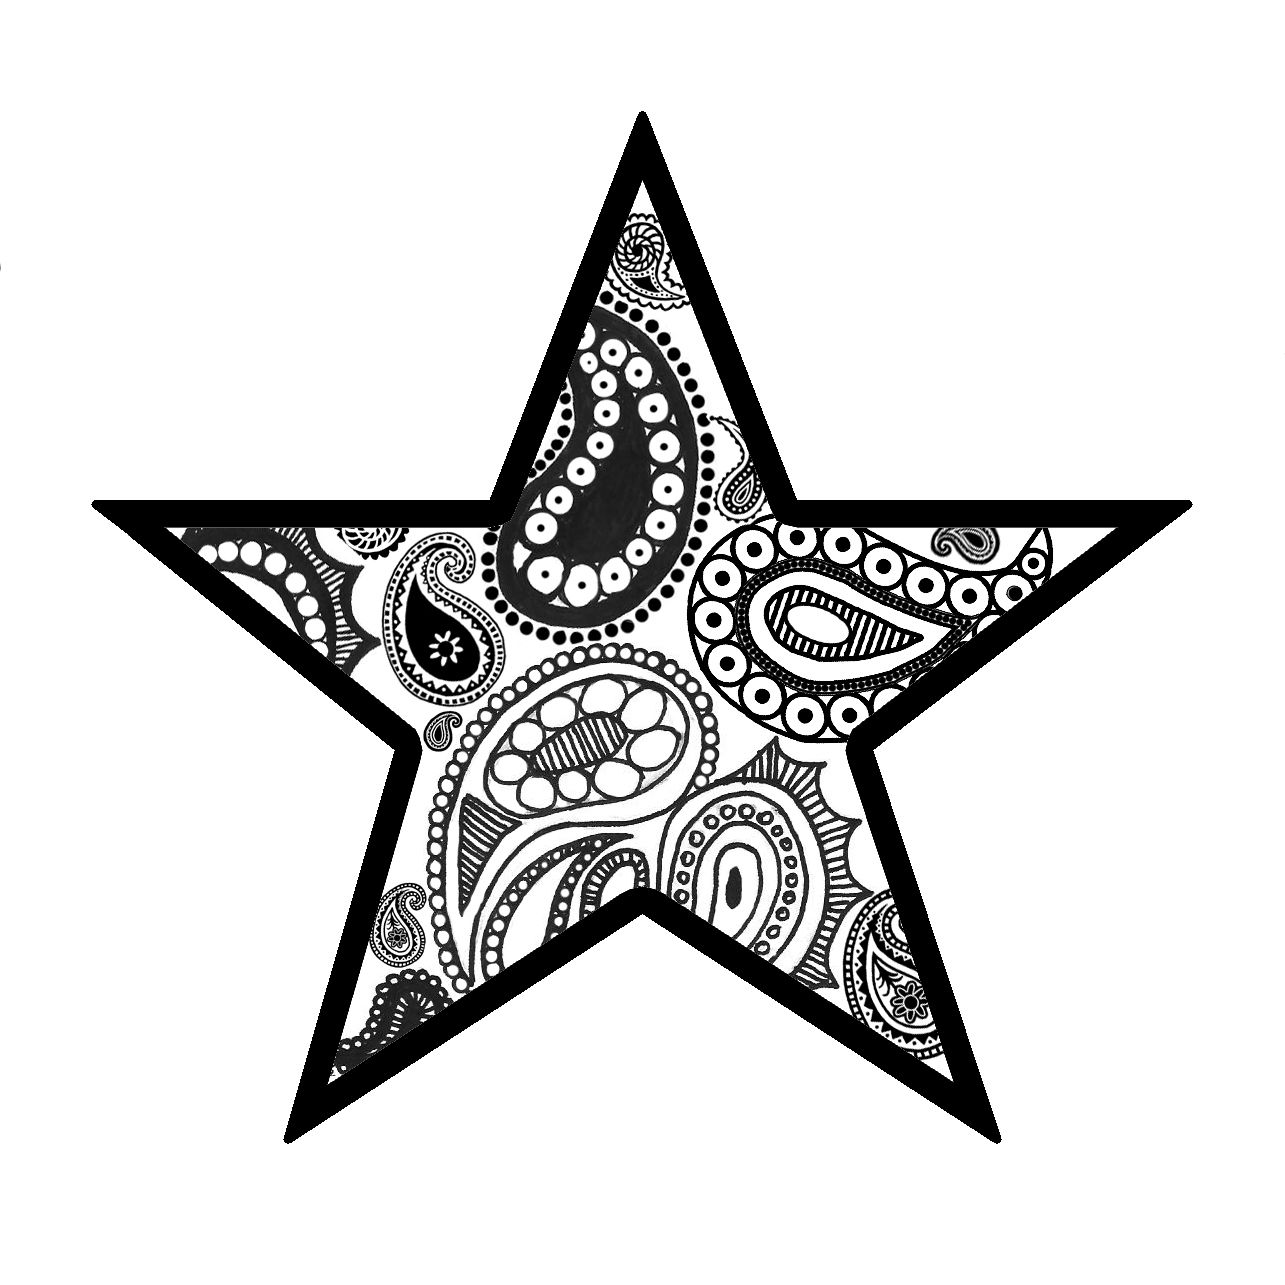 I maaaaaaaaaay have just found the star tattoo for me